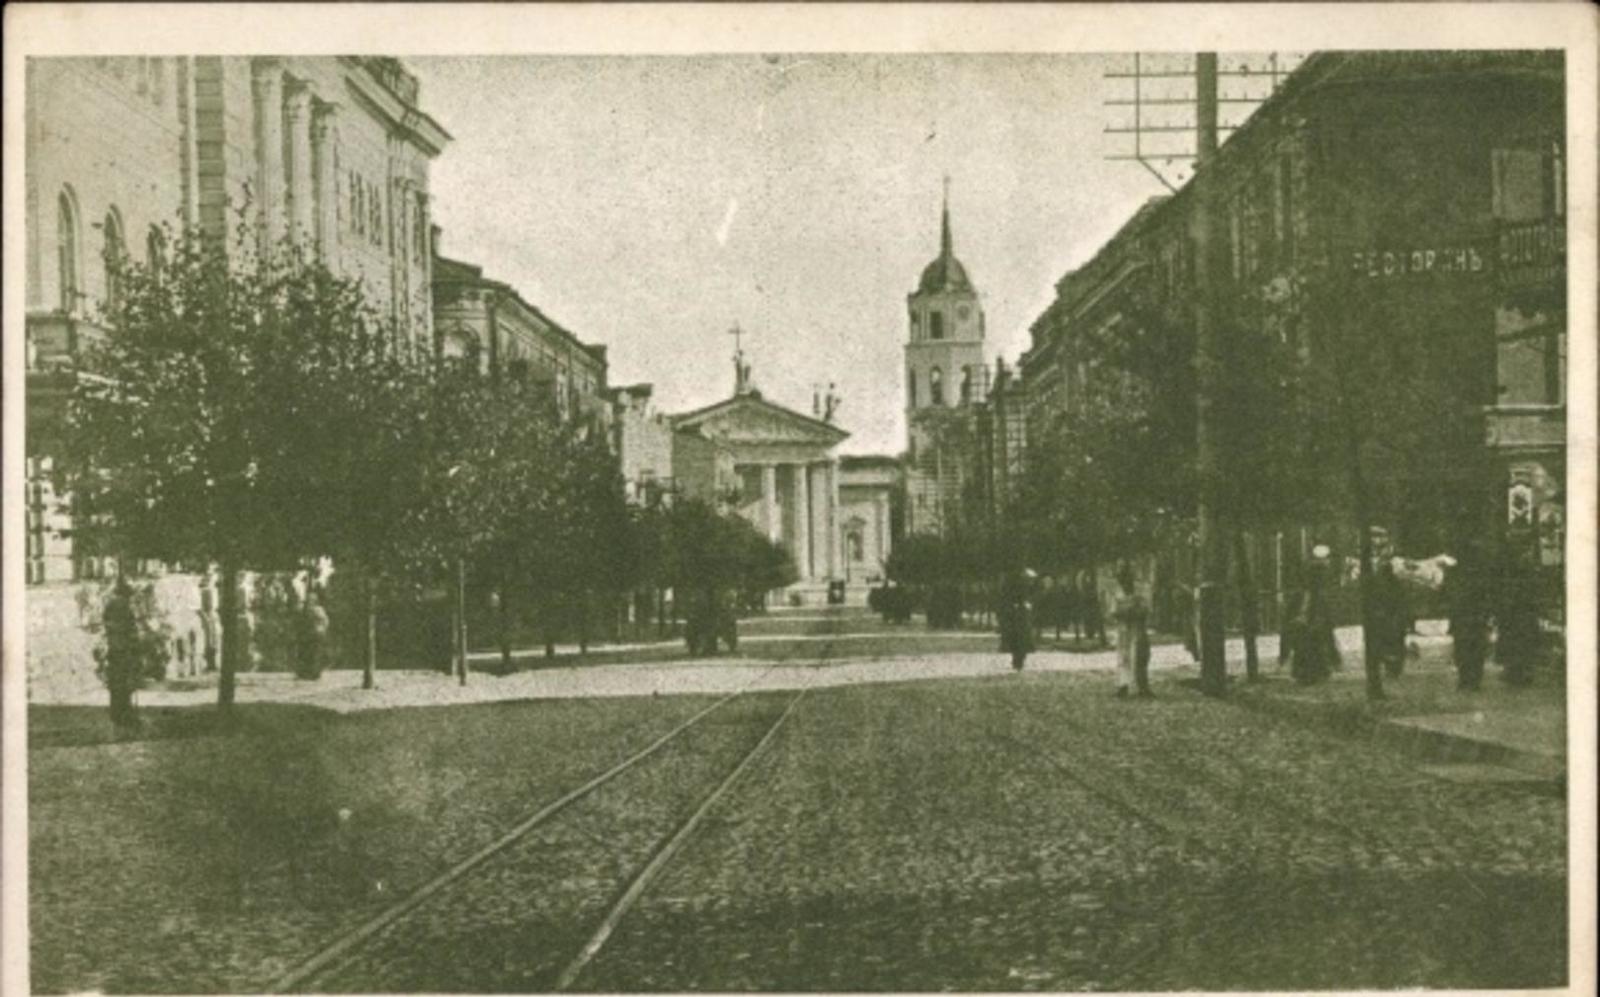 Vilnius -  Cp Vilnius Wilna Litauen, Partie auf der Sankt Georg Straße